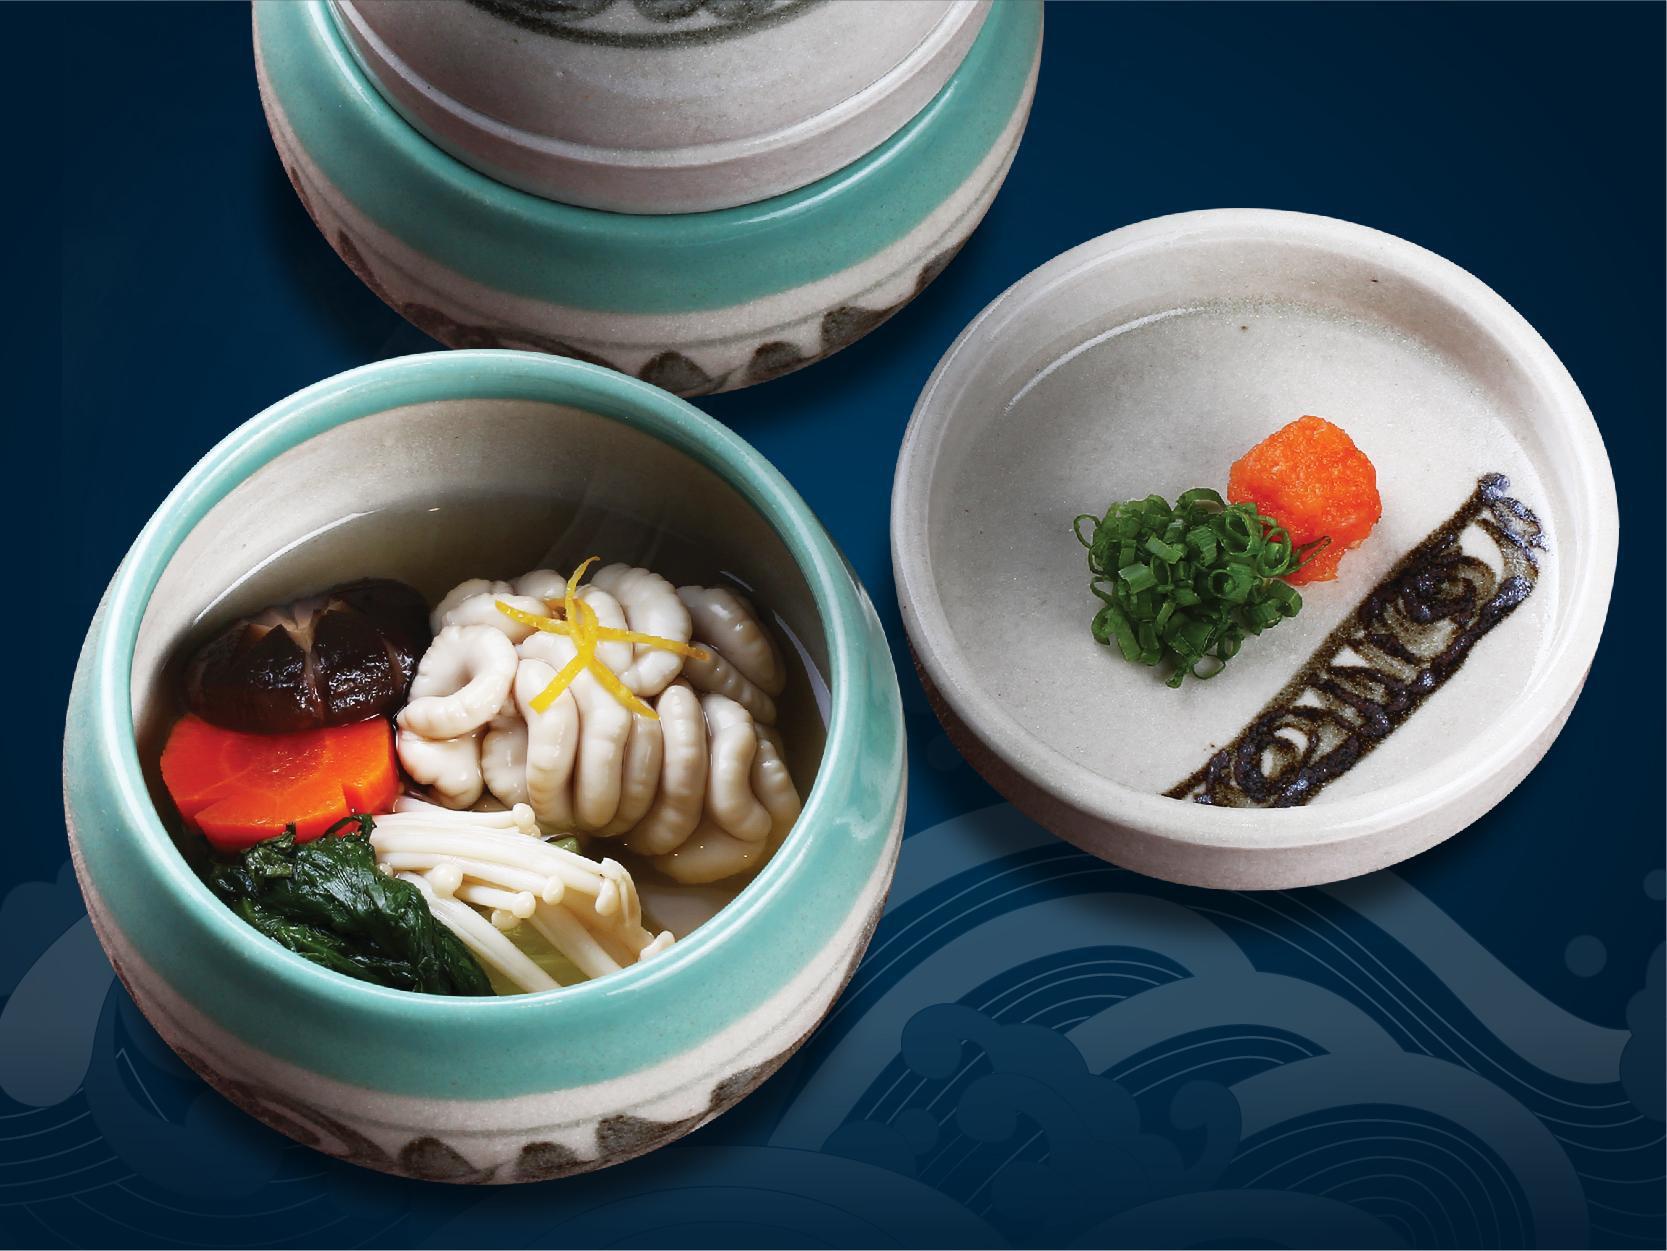 Những món ăn được yêu thích nhất vào mùa đông ở Nhật Bản - Ảnh 3.